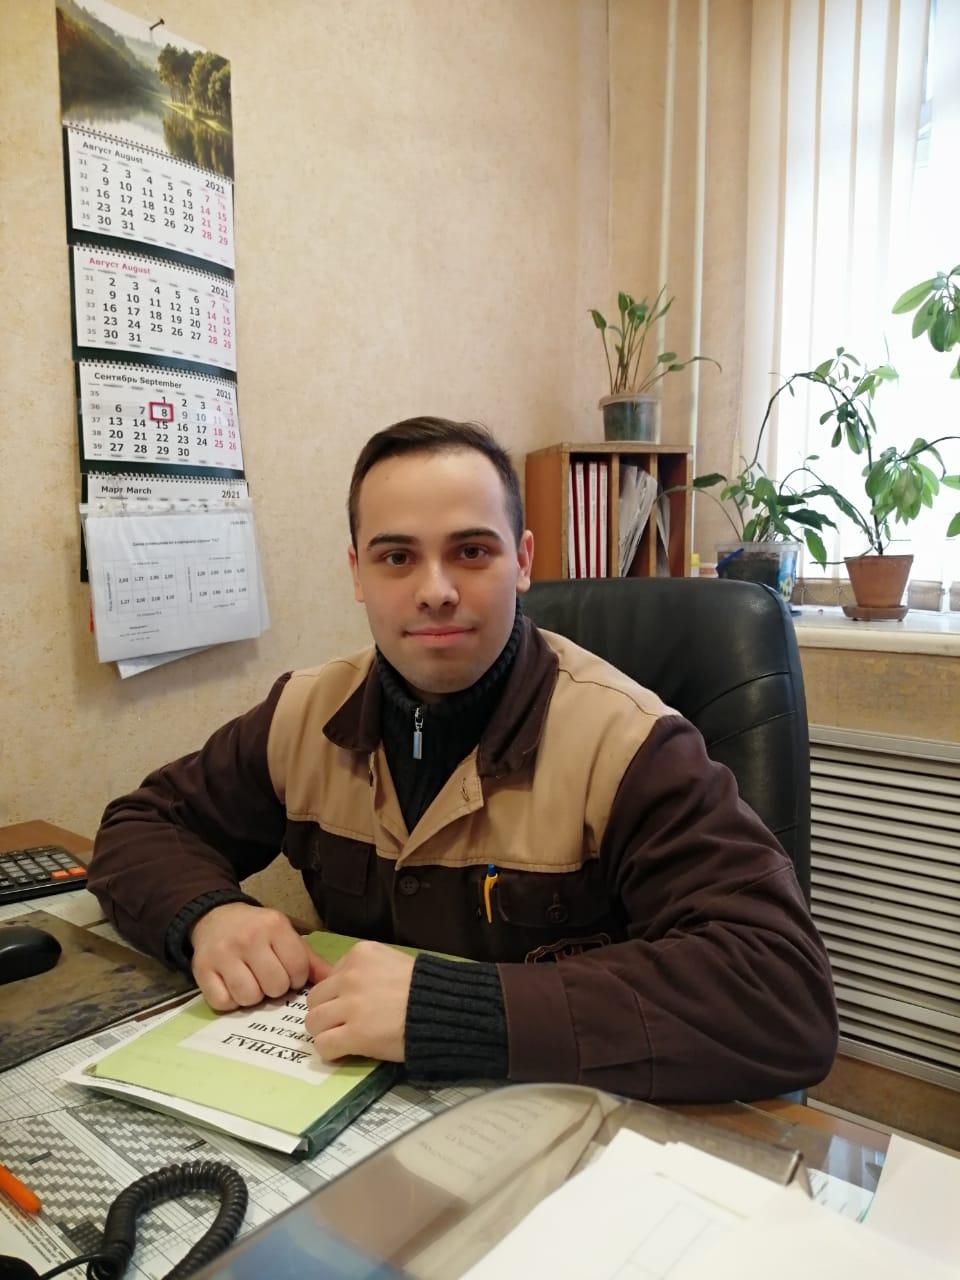 Сергей Сенягин - представитель молодого звена трудовой династии.